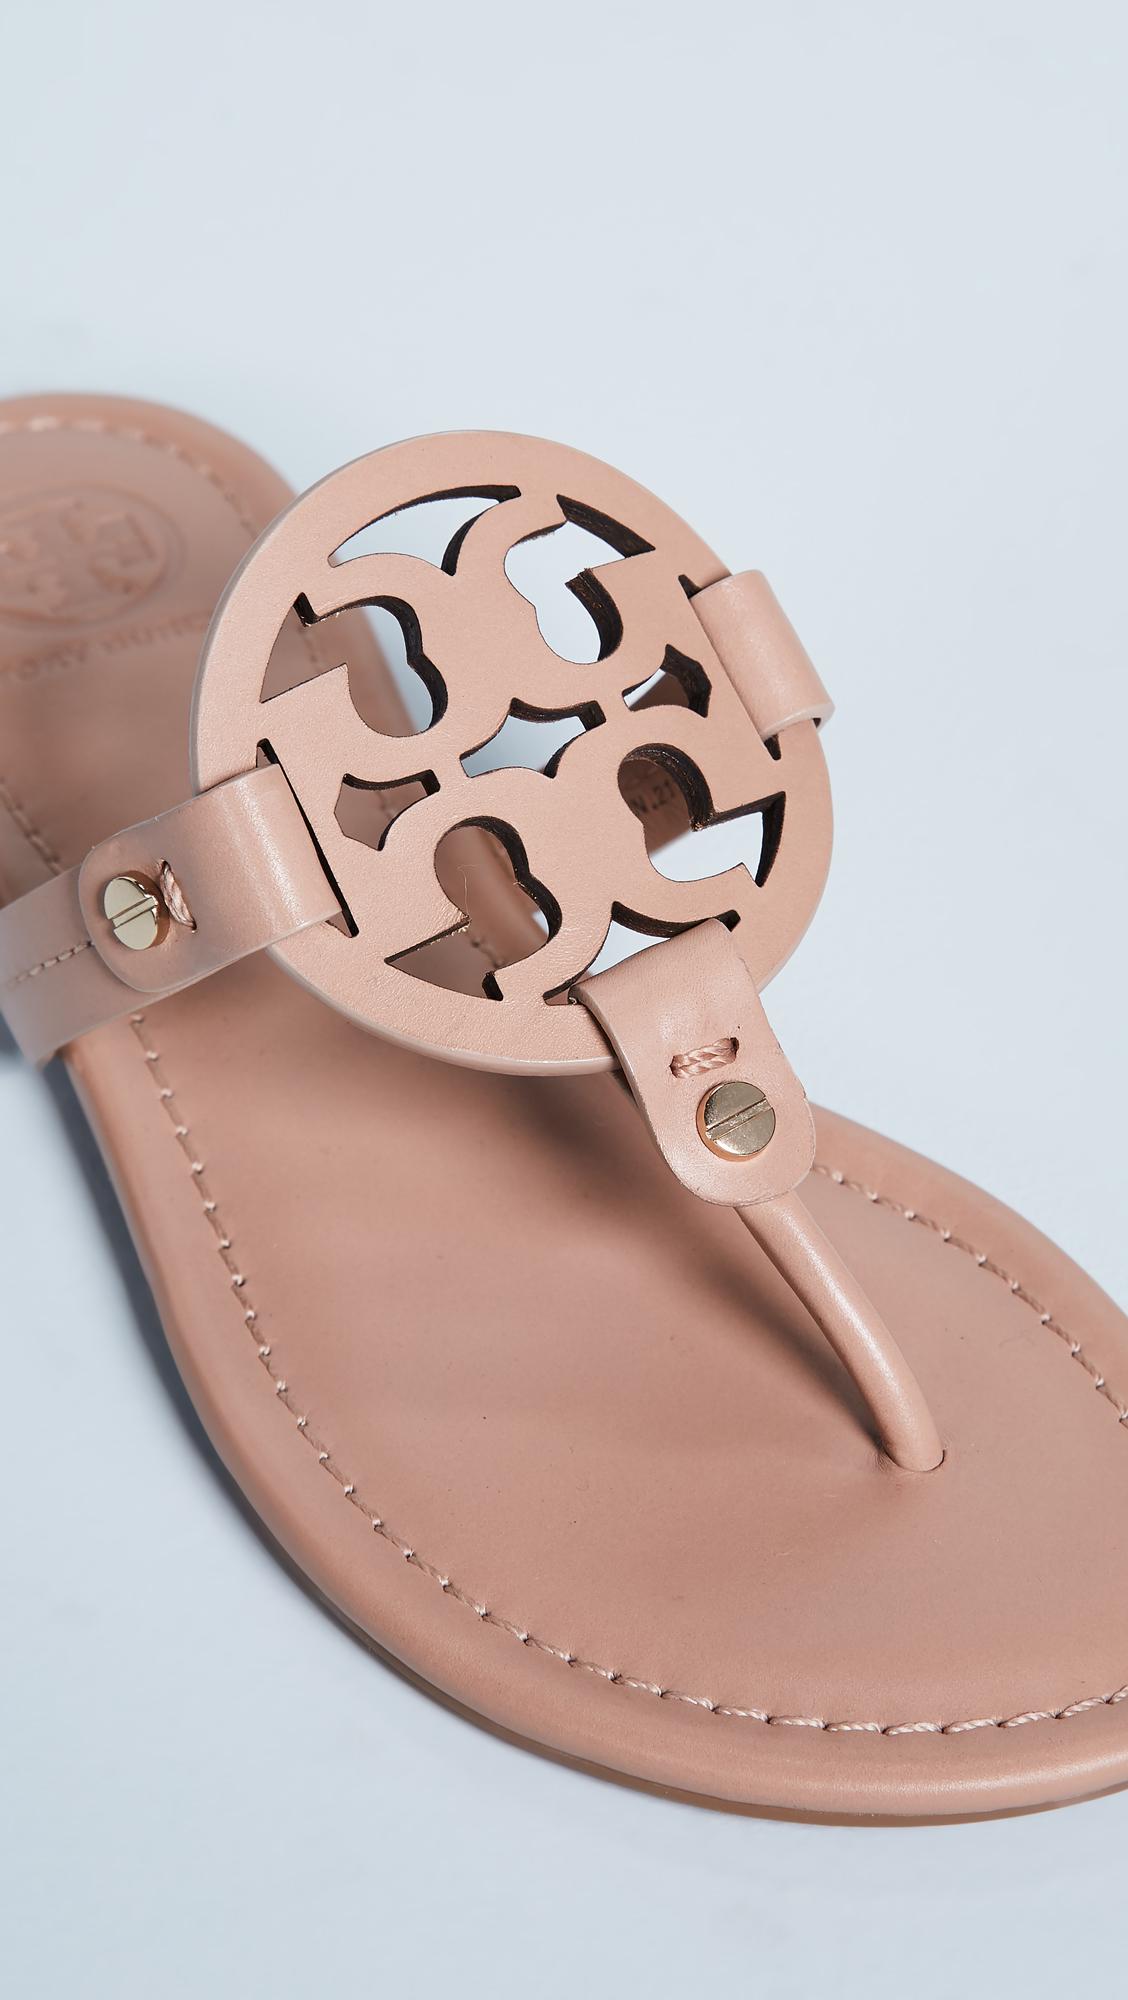 b5aa839d64555b Tory Burch Miller Thong Sandals